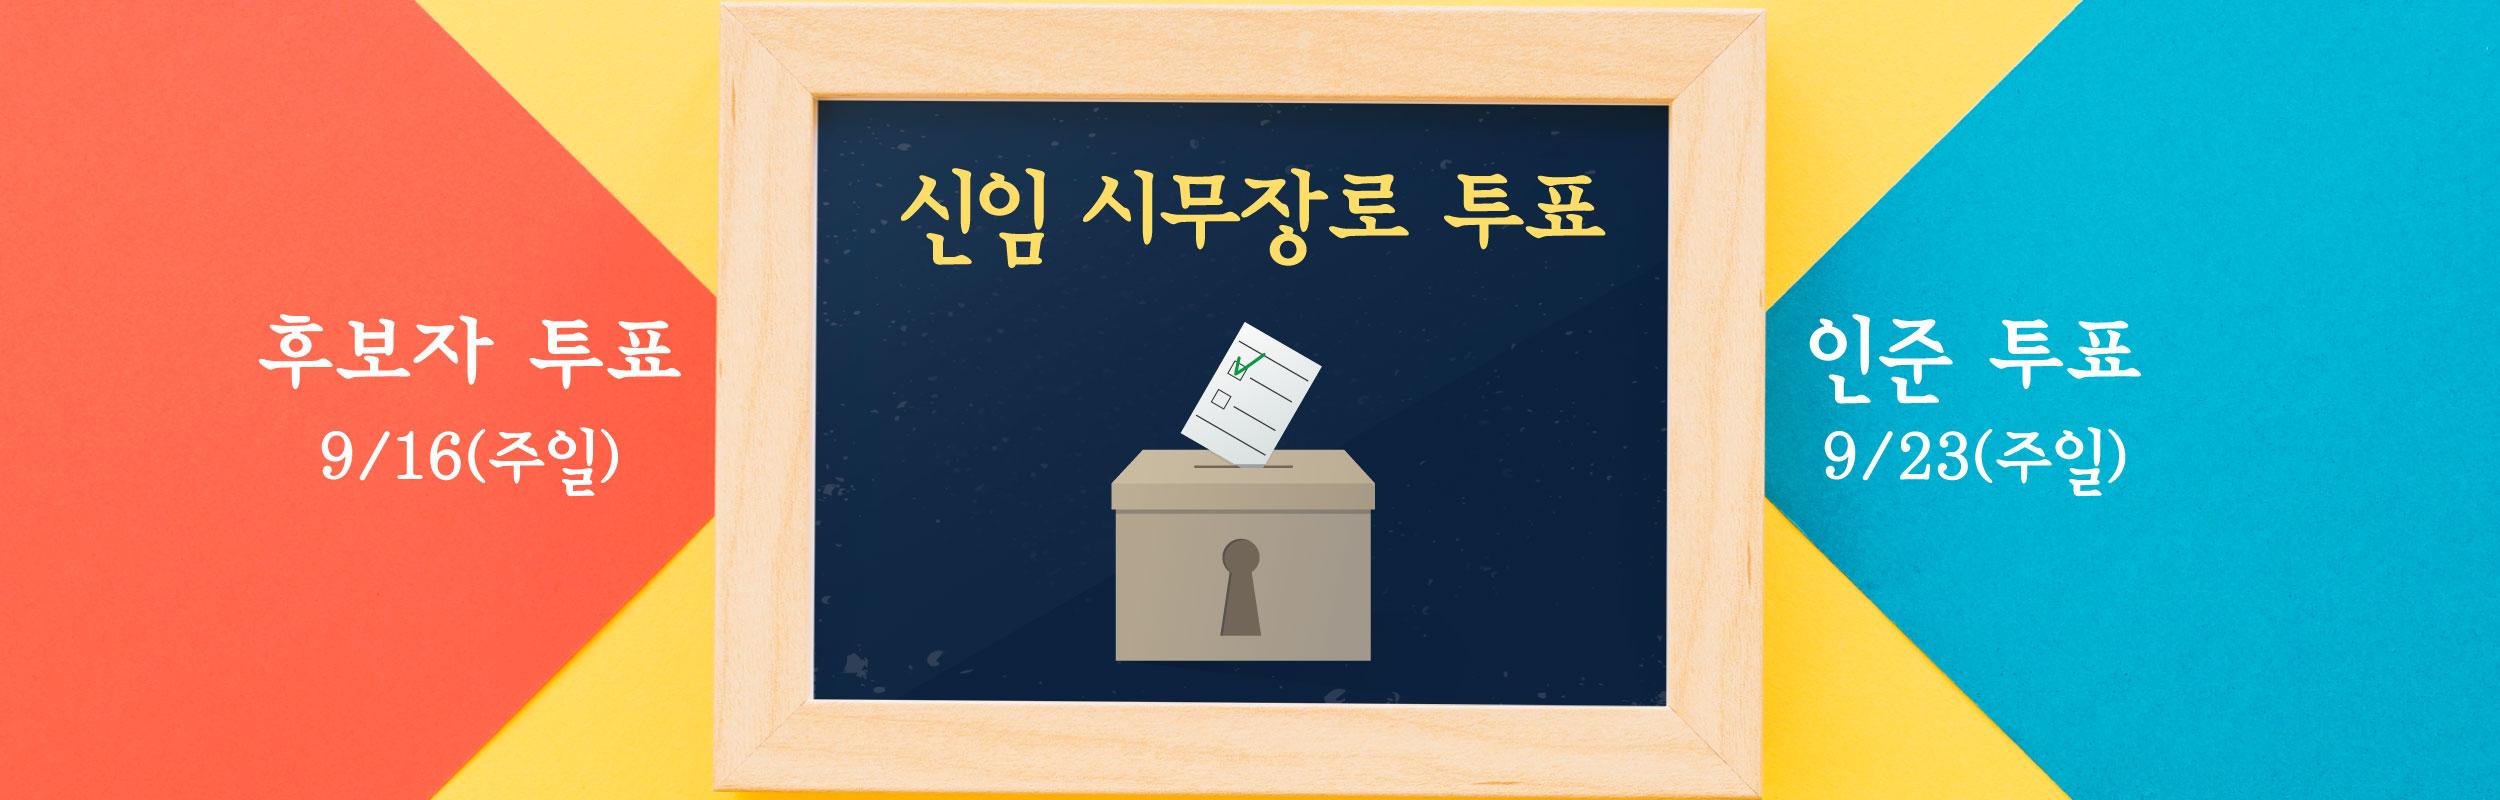 신임시무장로 투표예고